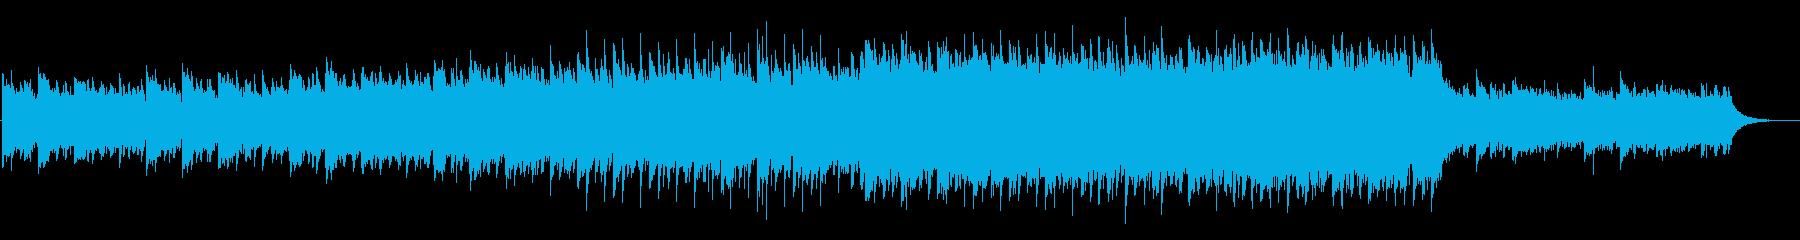 企業VP、CM18。ピアノエレクトロの再生済みの波形